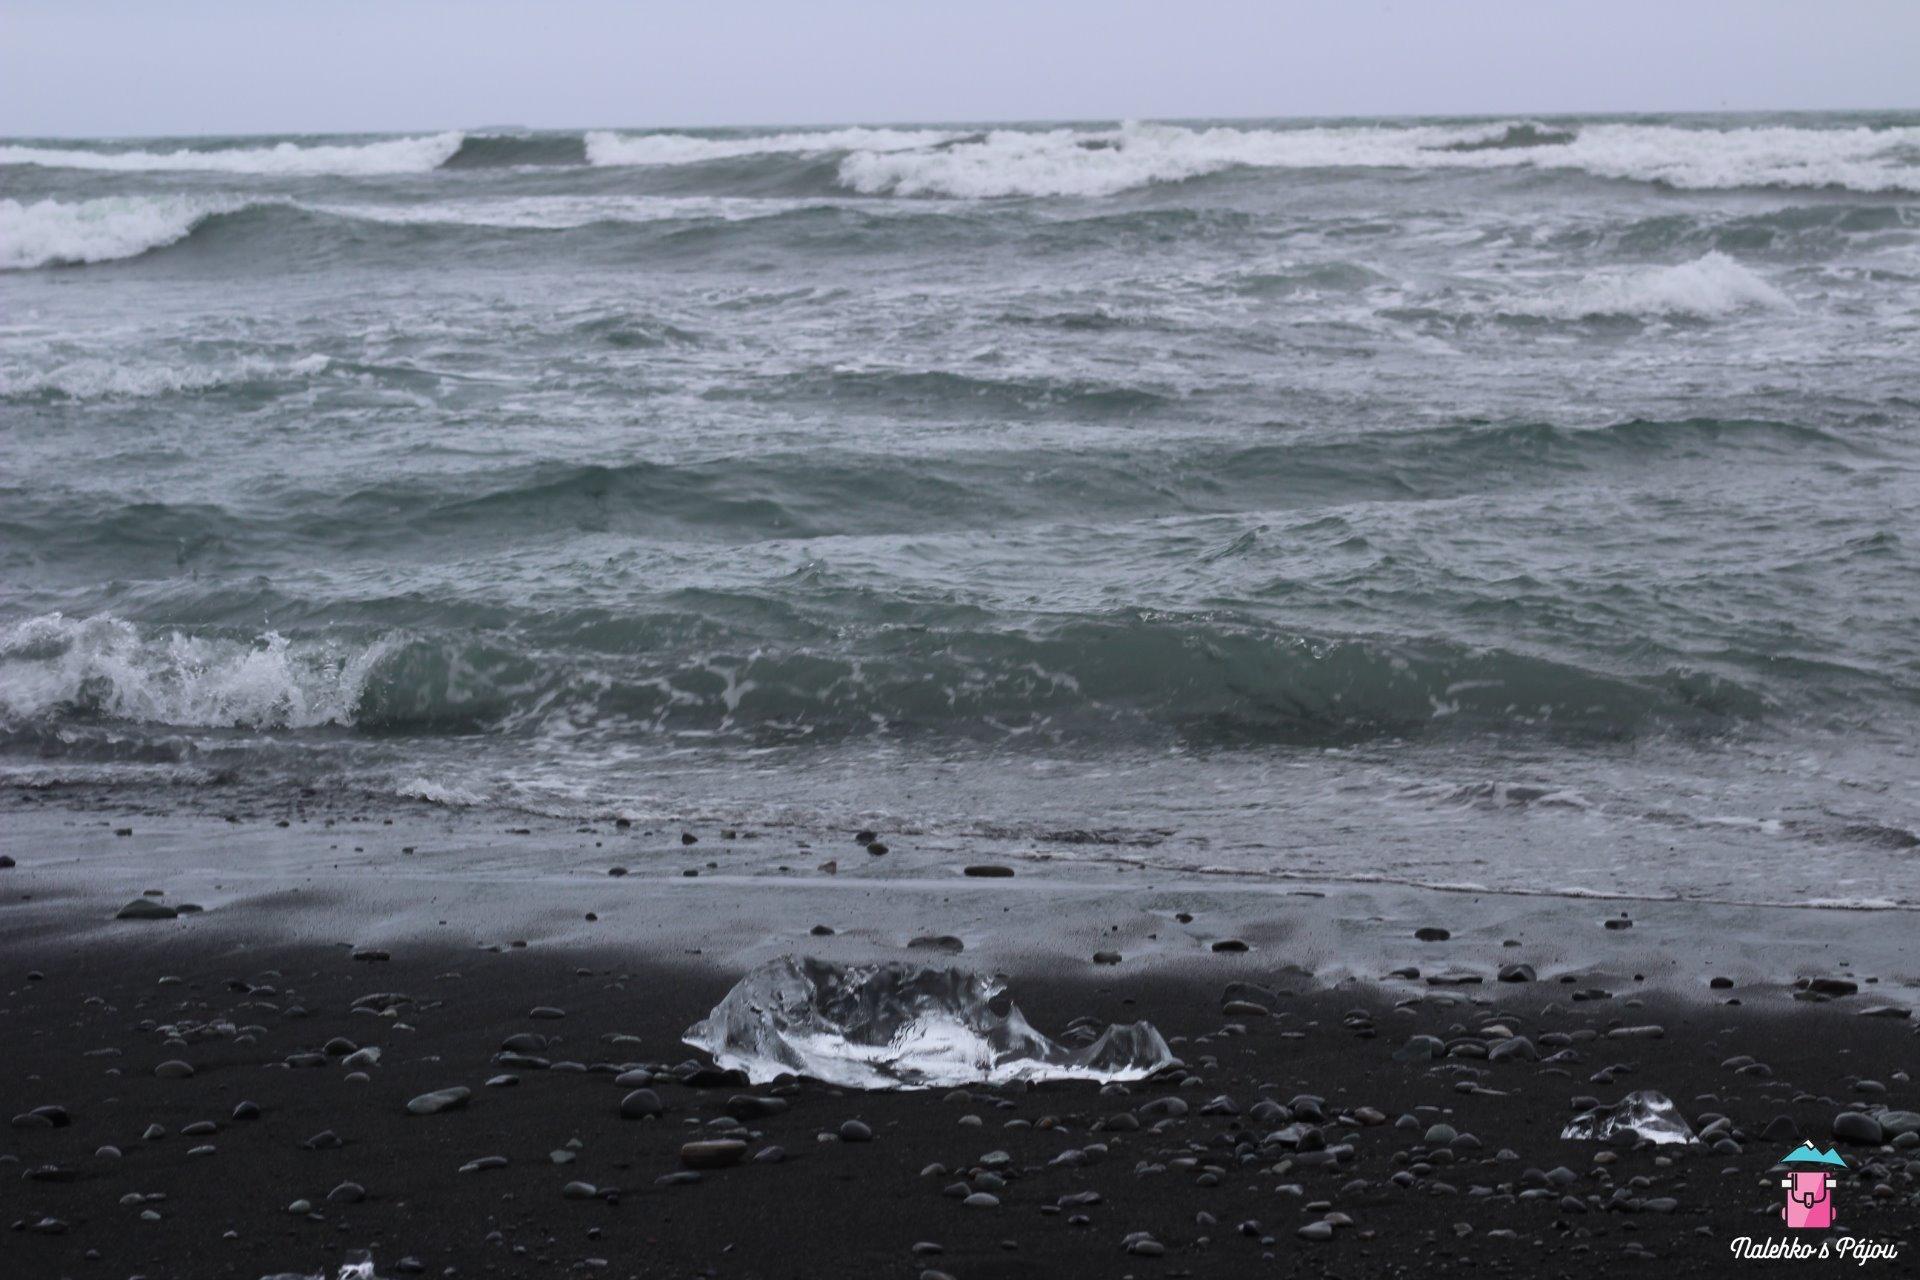 Černá pláž je hned přes silnici, všude na pláži najdete malé ale i velké úlomky z ledovce